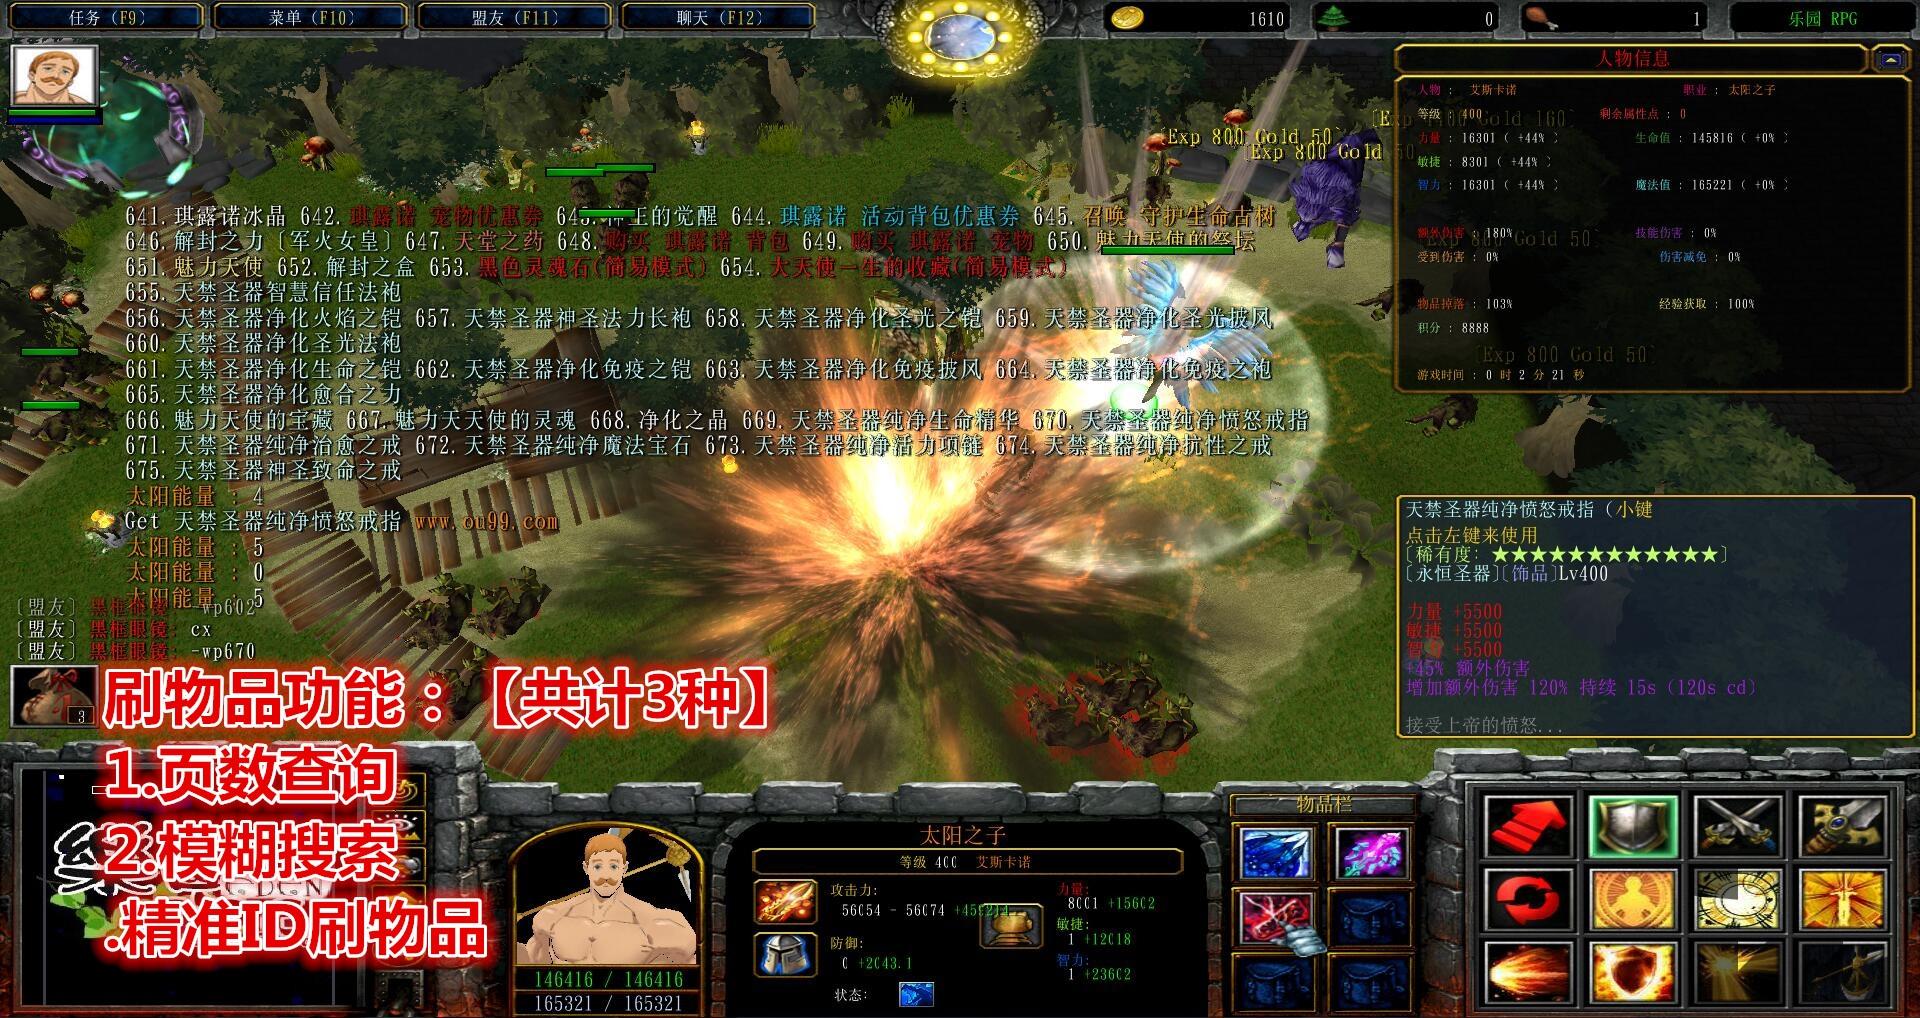 乐园RPG5.8.5中文版黑式破解